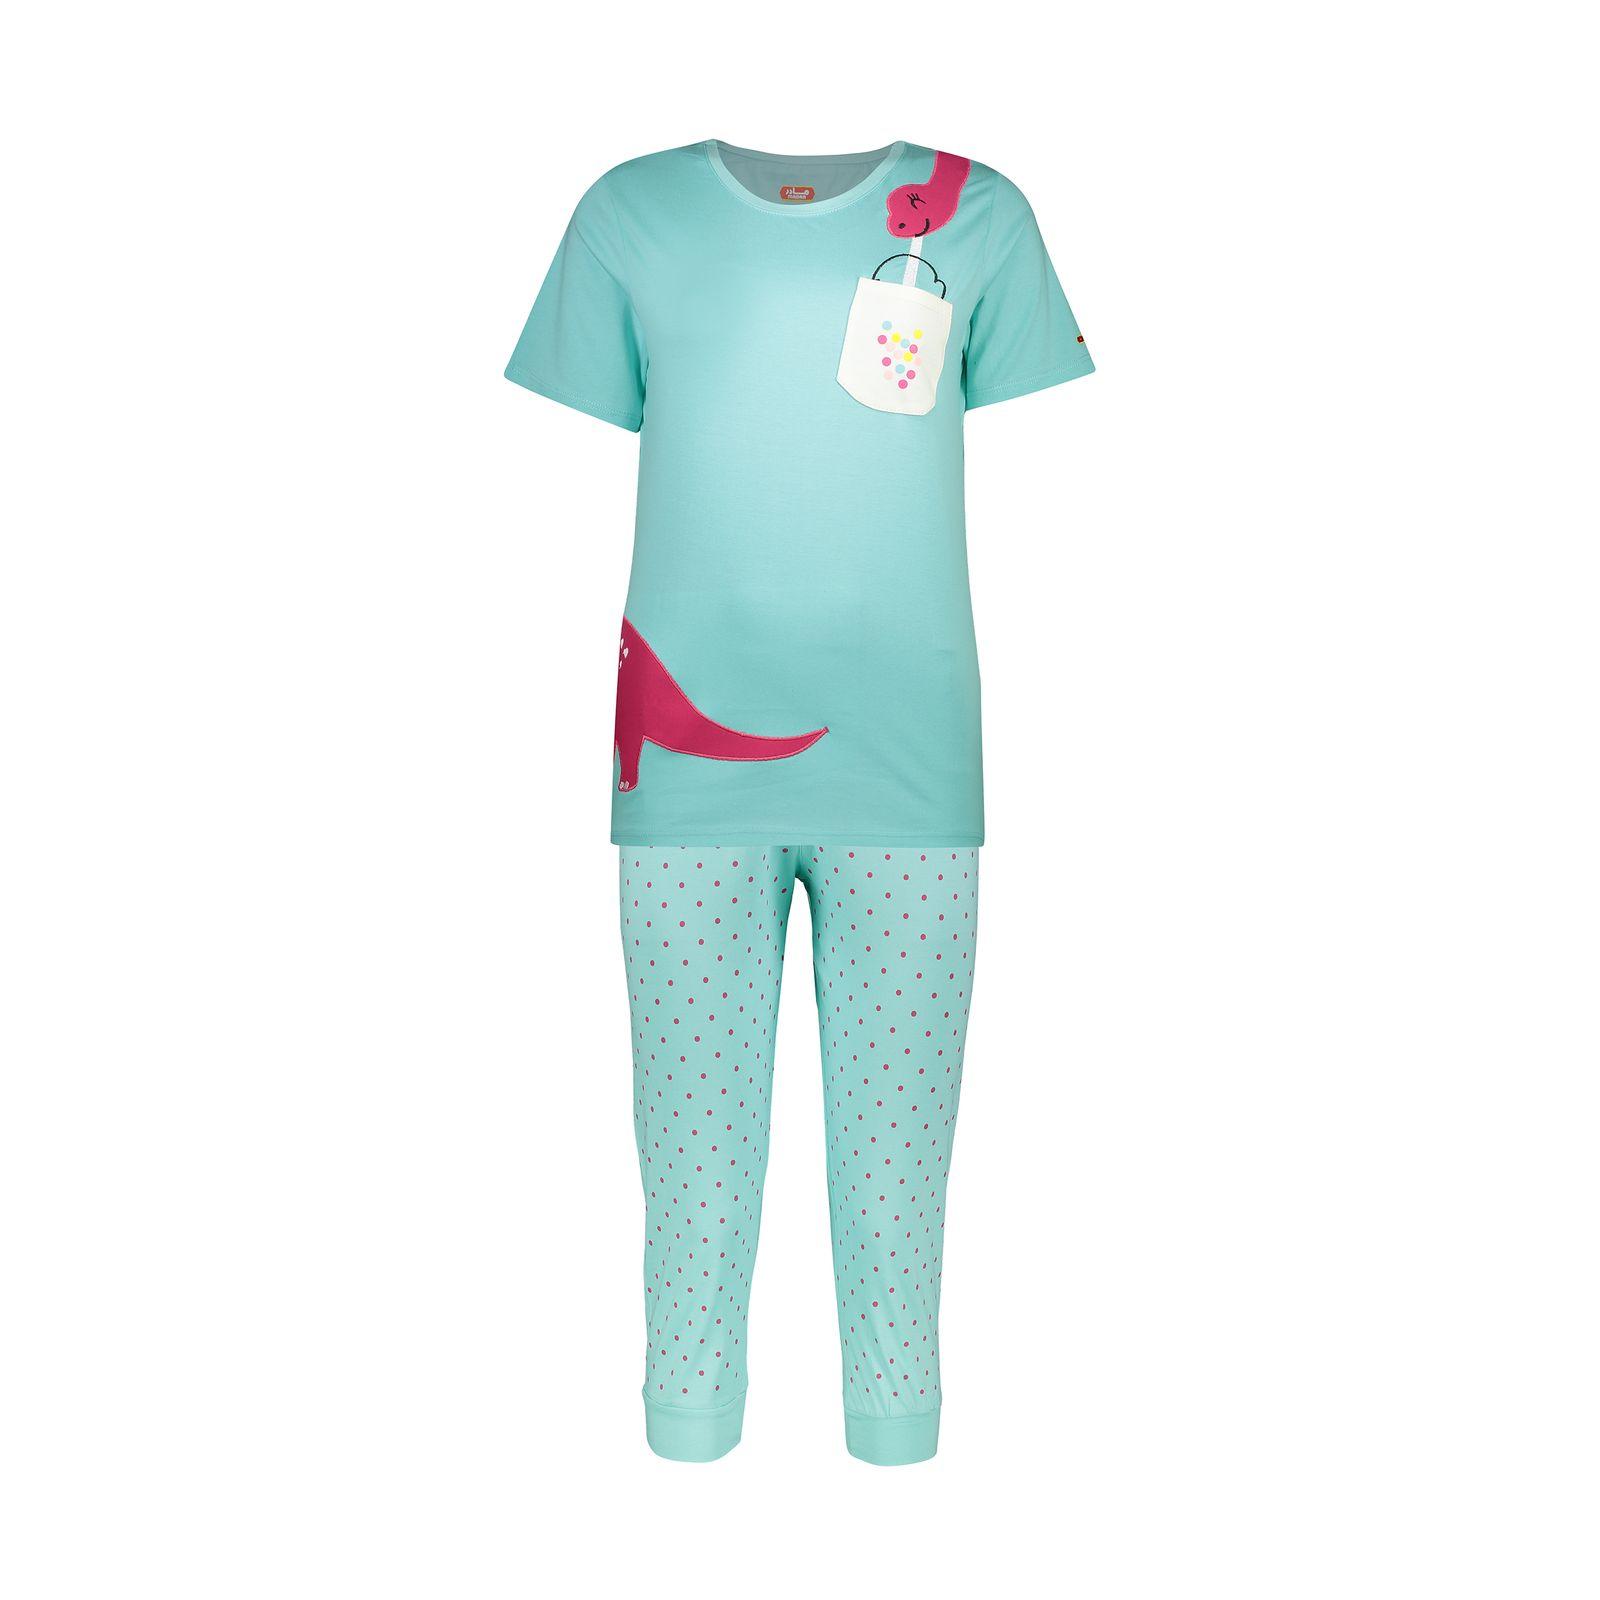 ست تی شرت و شلوارک راحتی زنانه مادر مدل 2041100-54 -  - 2